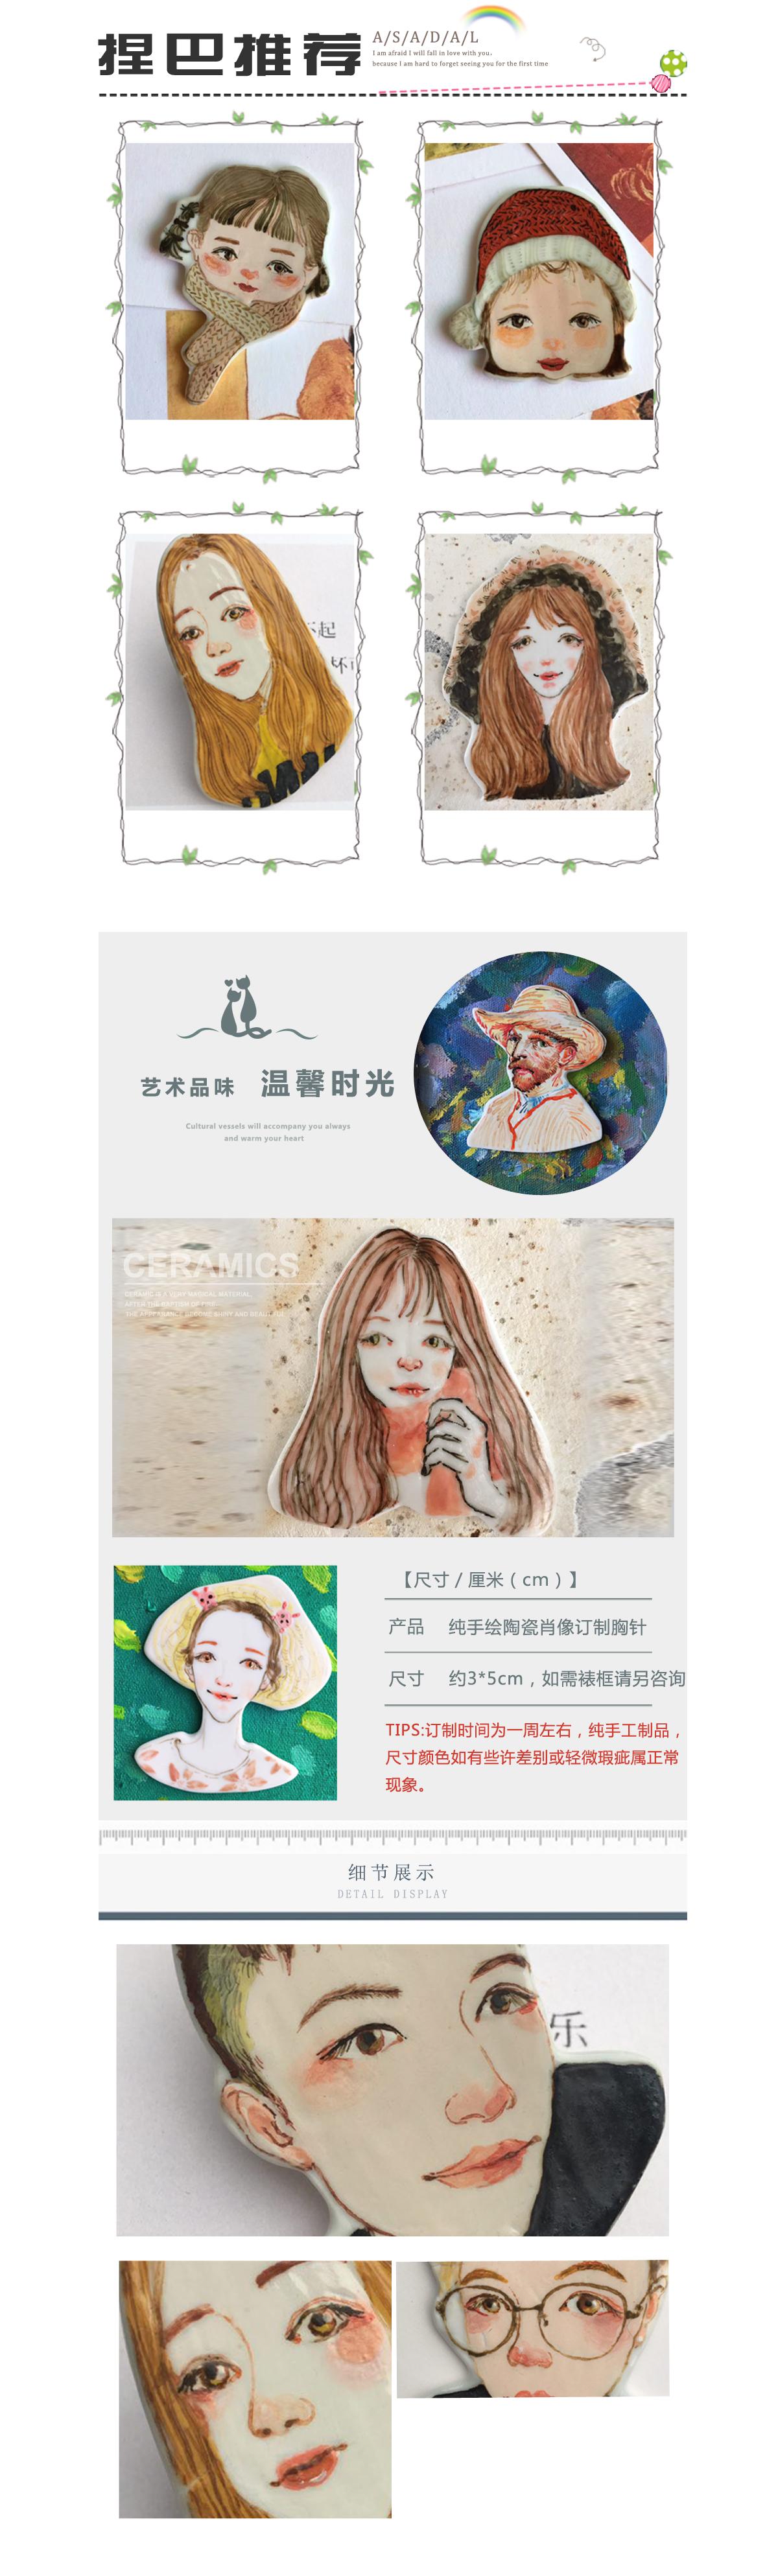 刘欣宇.jpg